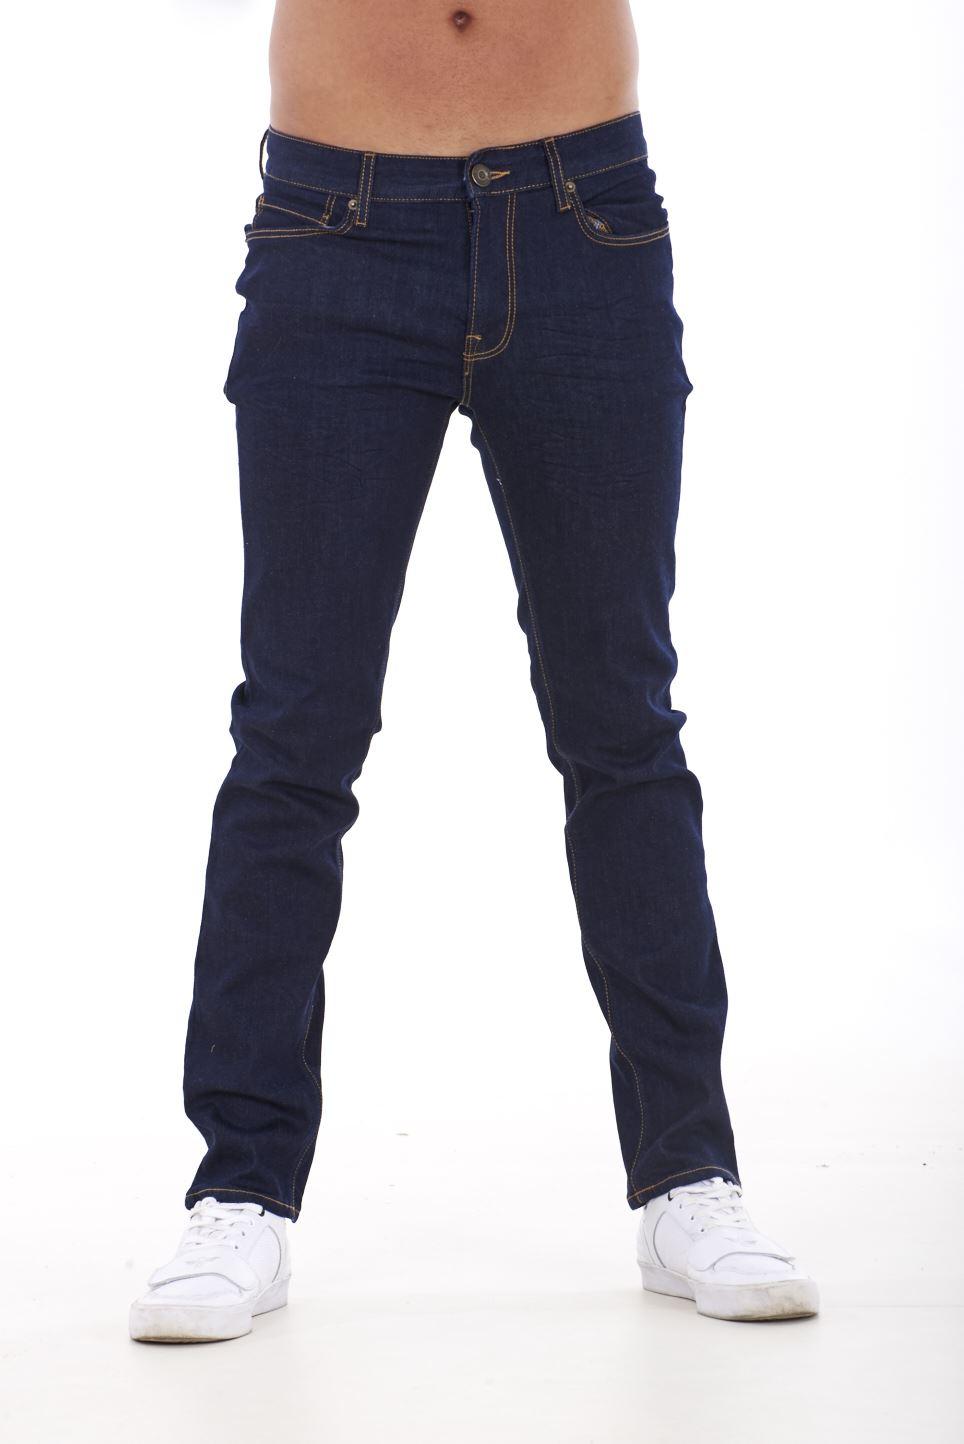 NUOVA-Linea-Uomo-Ragazzi-Slim-Fit-Stretch-Qualita-Jeans-Regolare-Pantaloni-con-marchio-SMART-30-40 miniatura 12